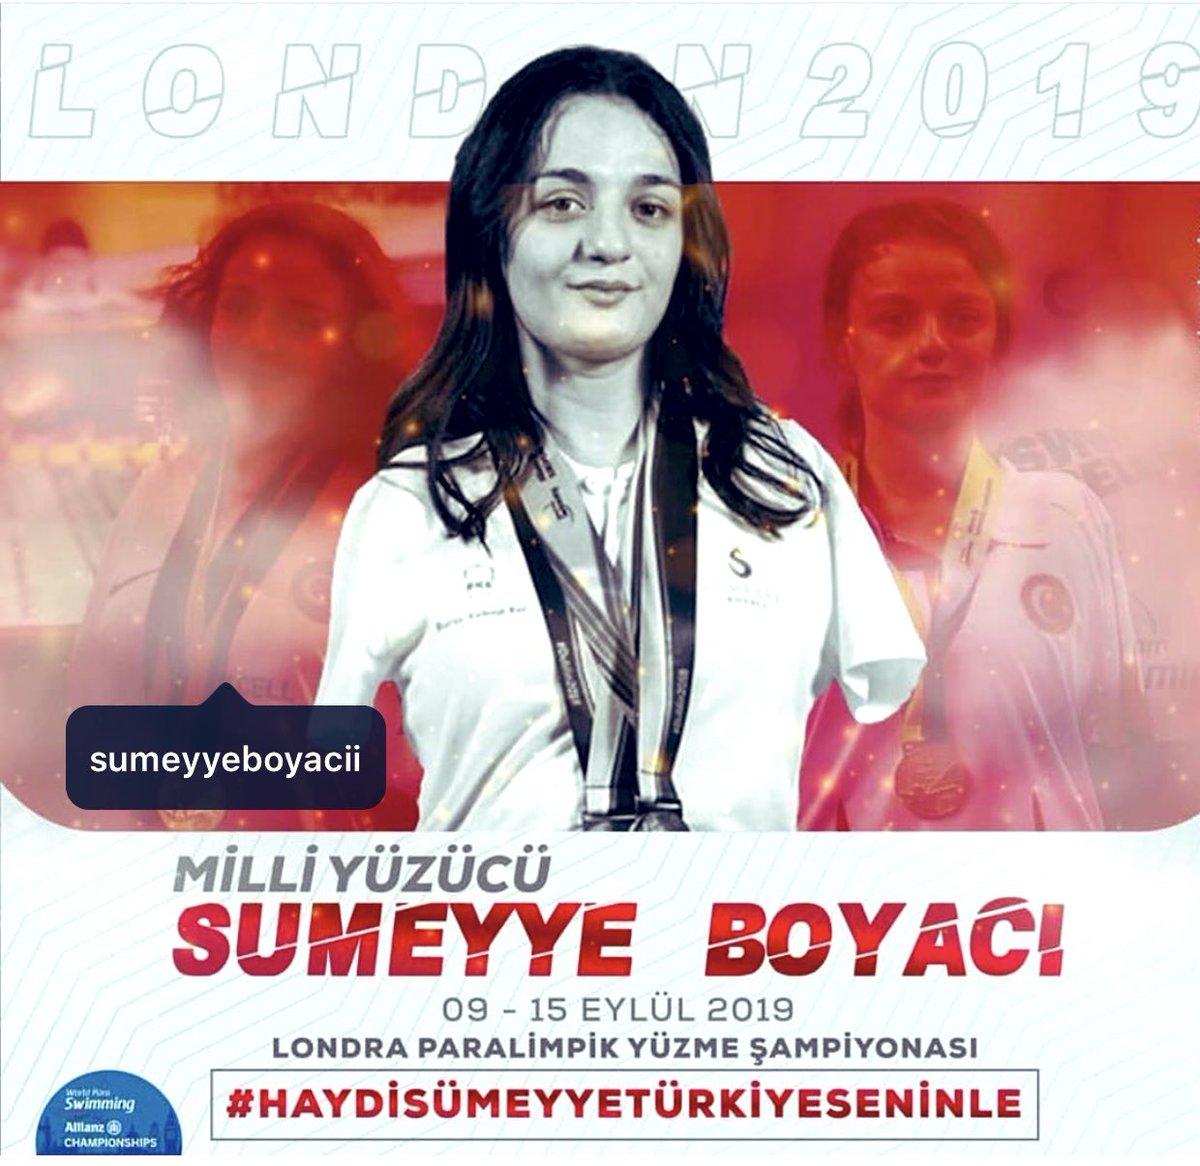 Dünya Paralimpik Yüzme Şampiyonası'nda gümüş madalya kazanan gururumuz #SümeyyeBoyacı'yı gönülden tebrik ediyoruz....